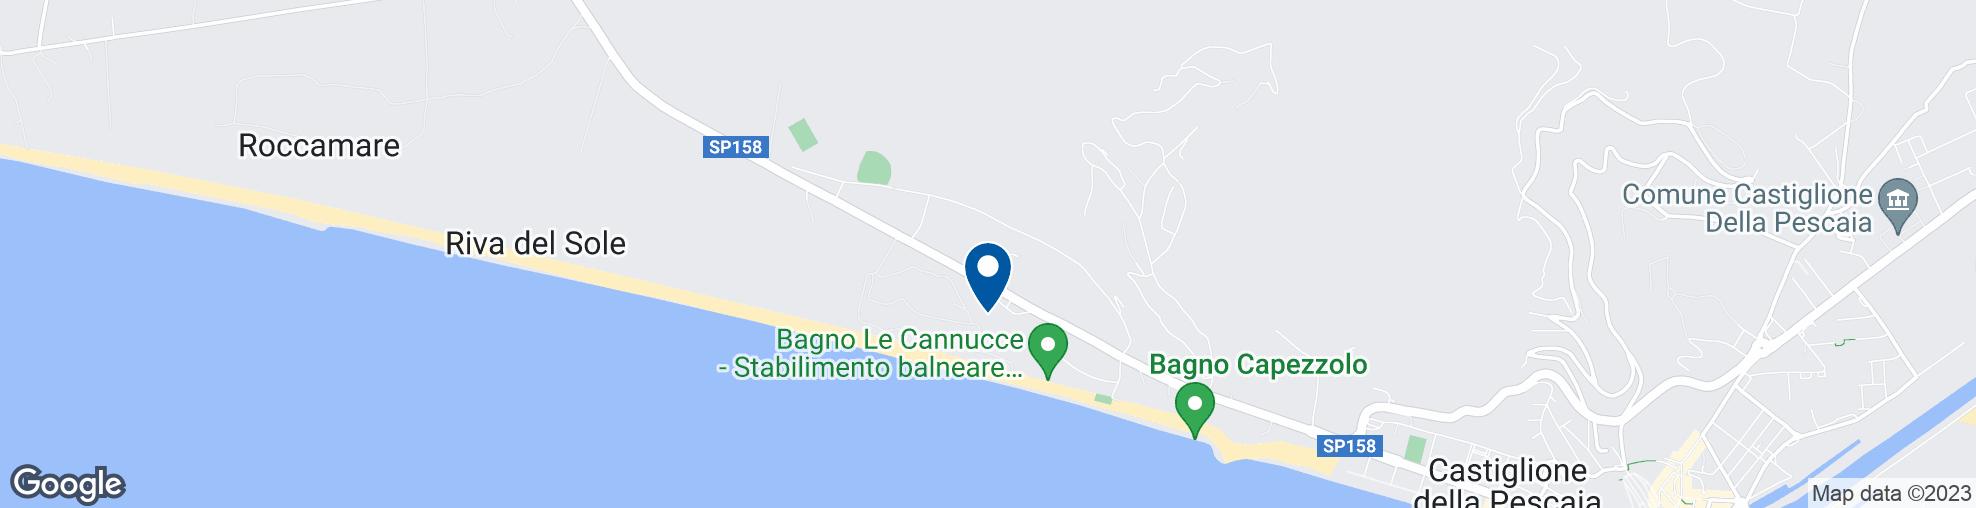 Hotel Riva Del Sole Toscana Castiglione Della Pescaia Italien